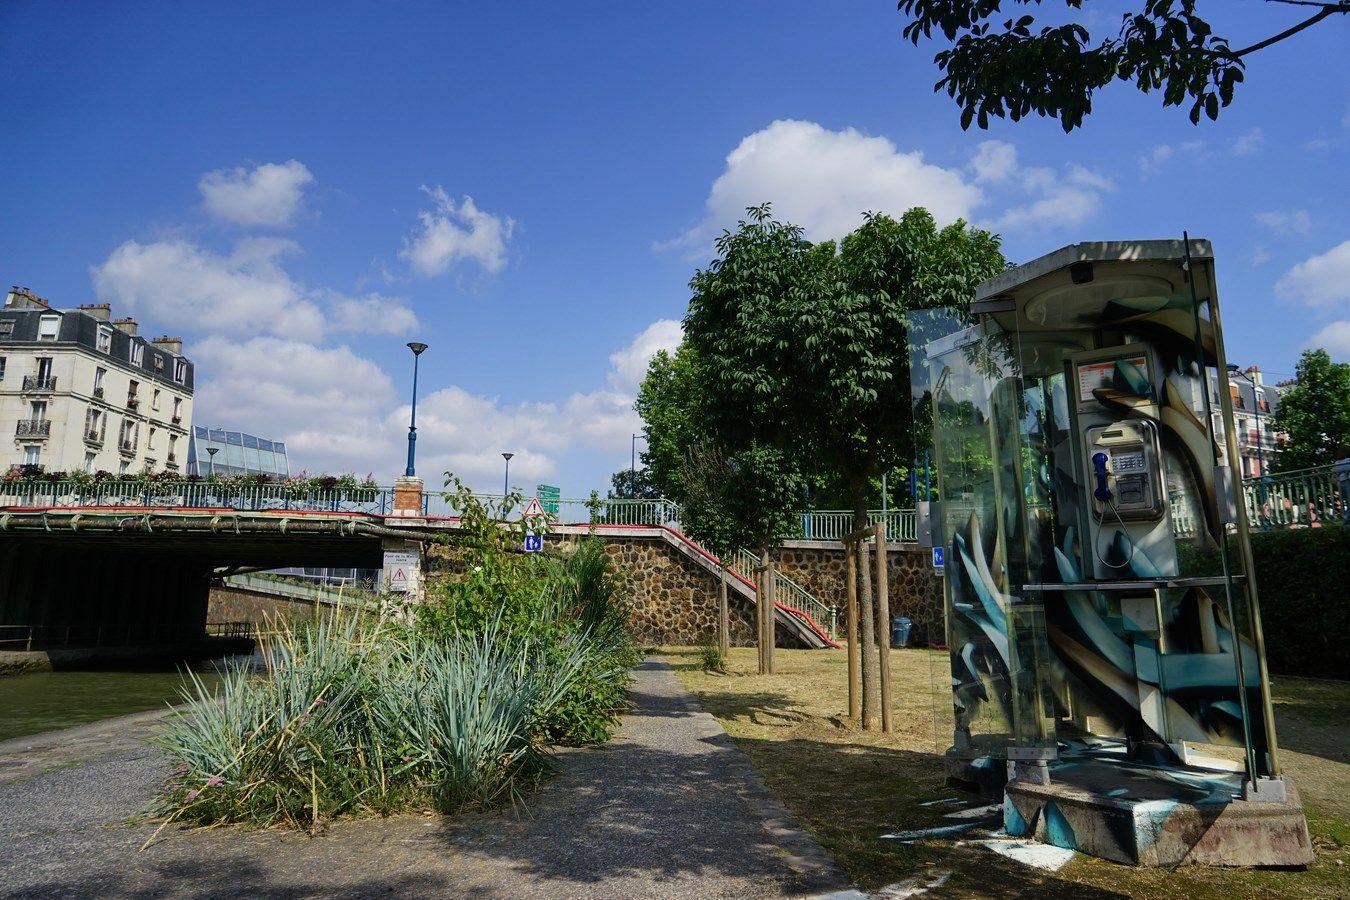 Oeuvre de Djalouz à Pantin canal de l'Ourcq